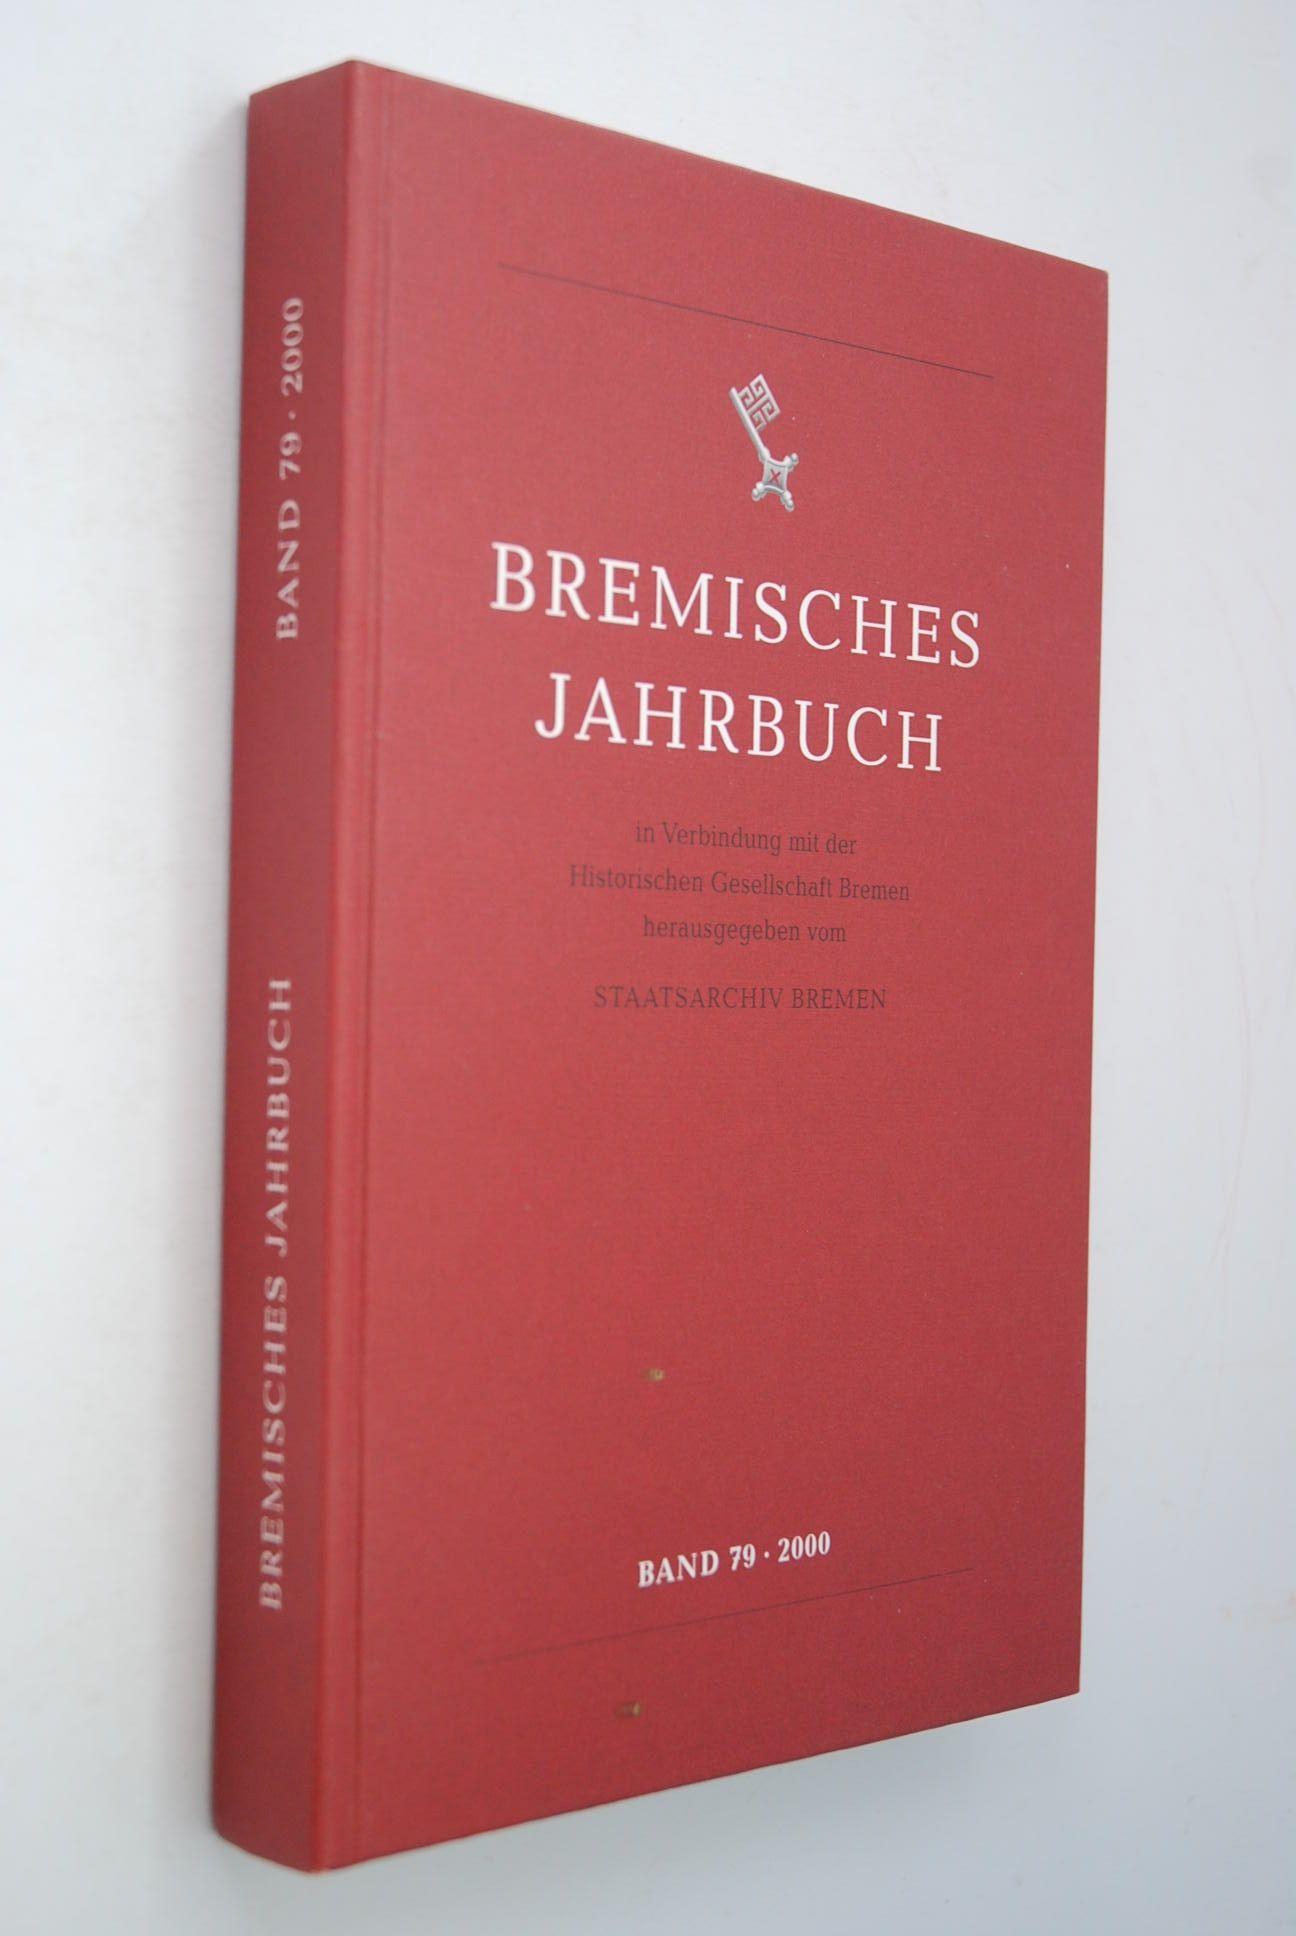 Bremisches Jahrbuch Band 78 (1999) in Verbindung mit der Historischen Gesellschaft Bremen herausgegeben vom Staatsarchiv Bremen - Bremen, Historische Gesellschaft und Konrad Elmshäuser